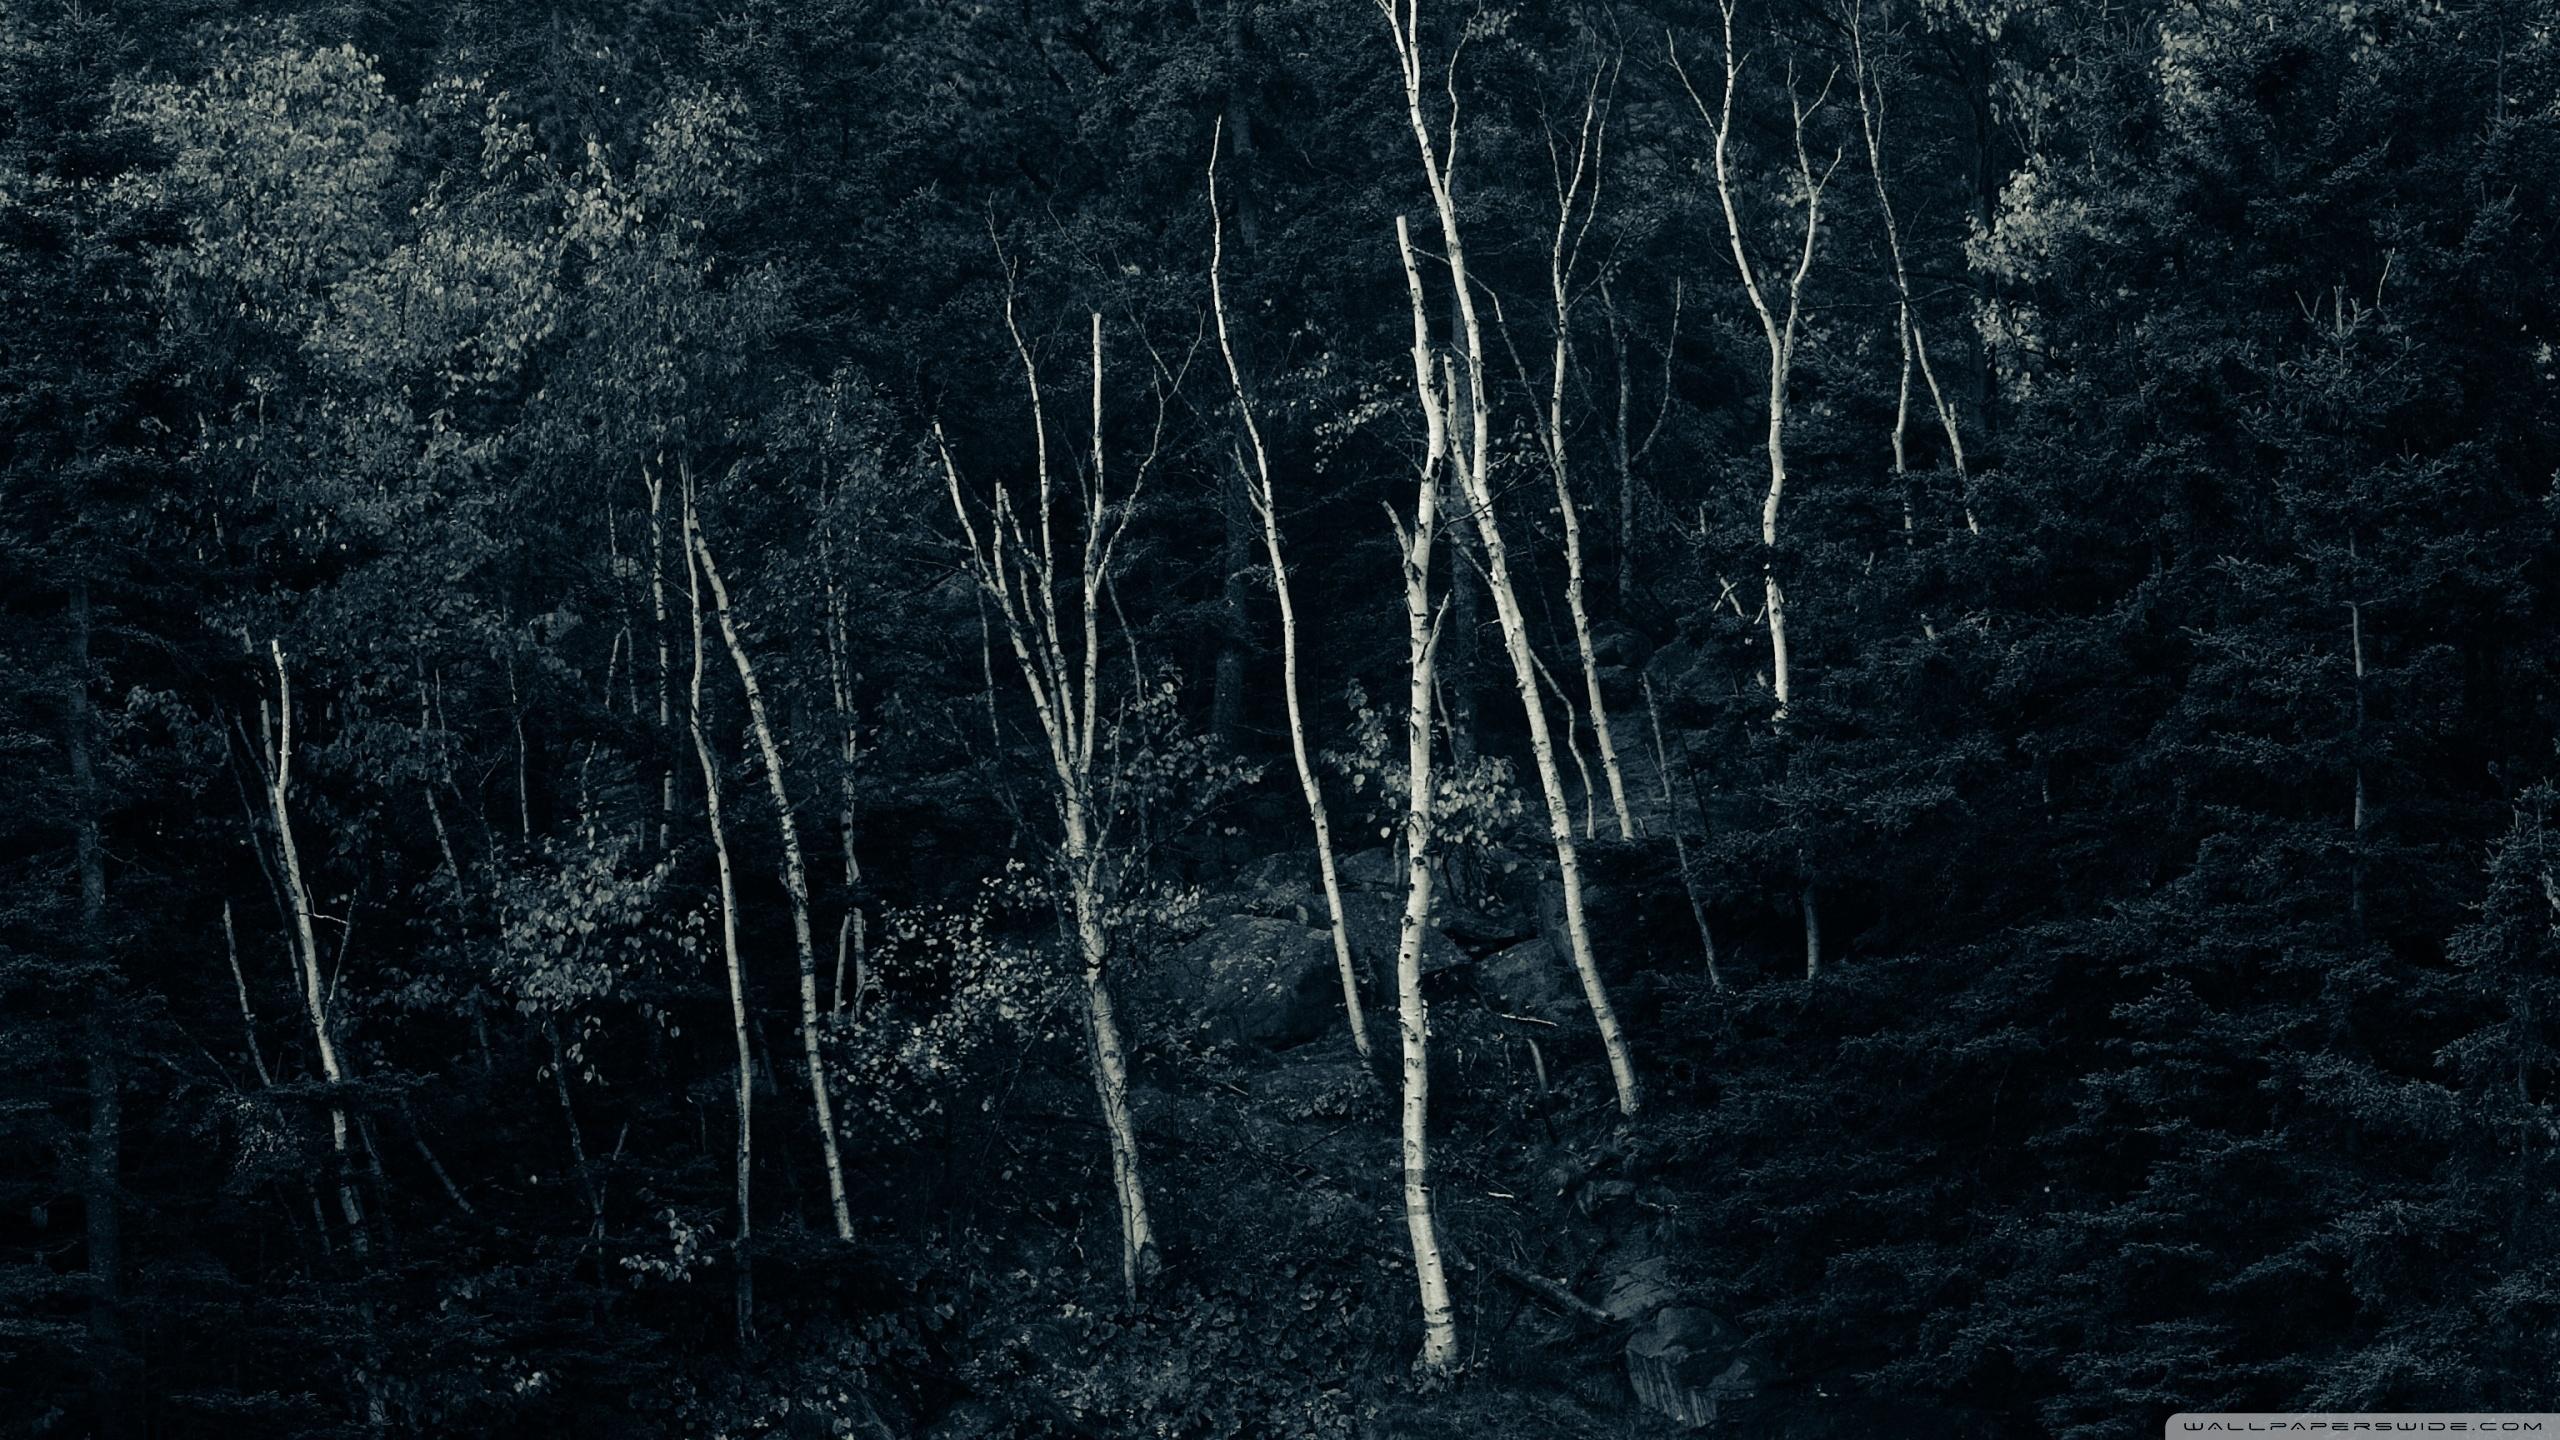 Forest Night 4k Hd Desktop Wallpaper For 4k Ultra Hd Tv